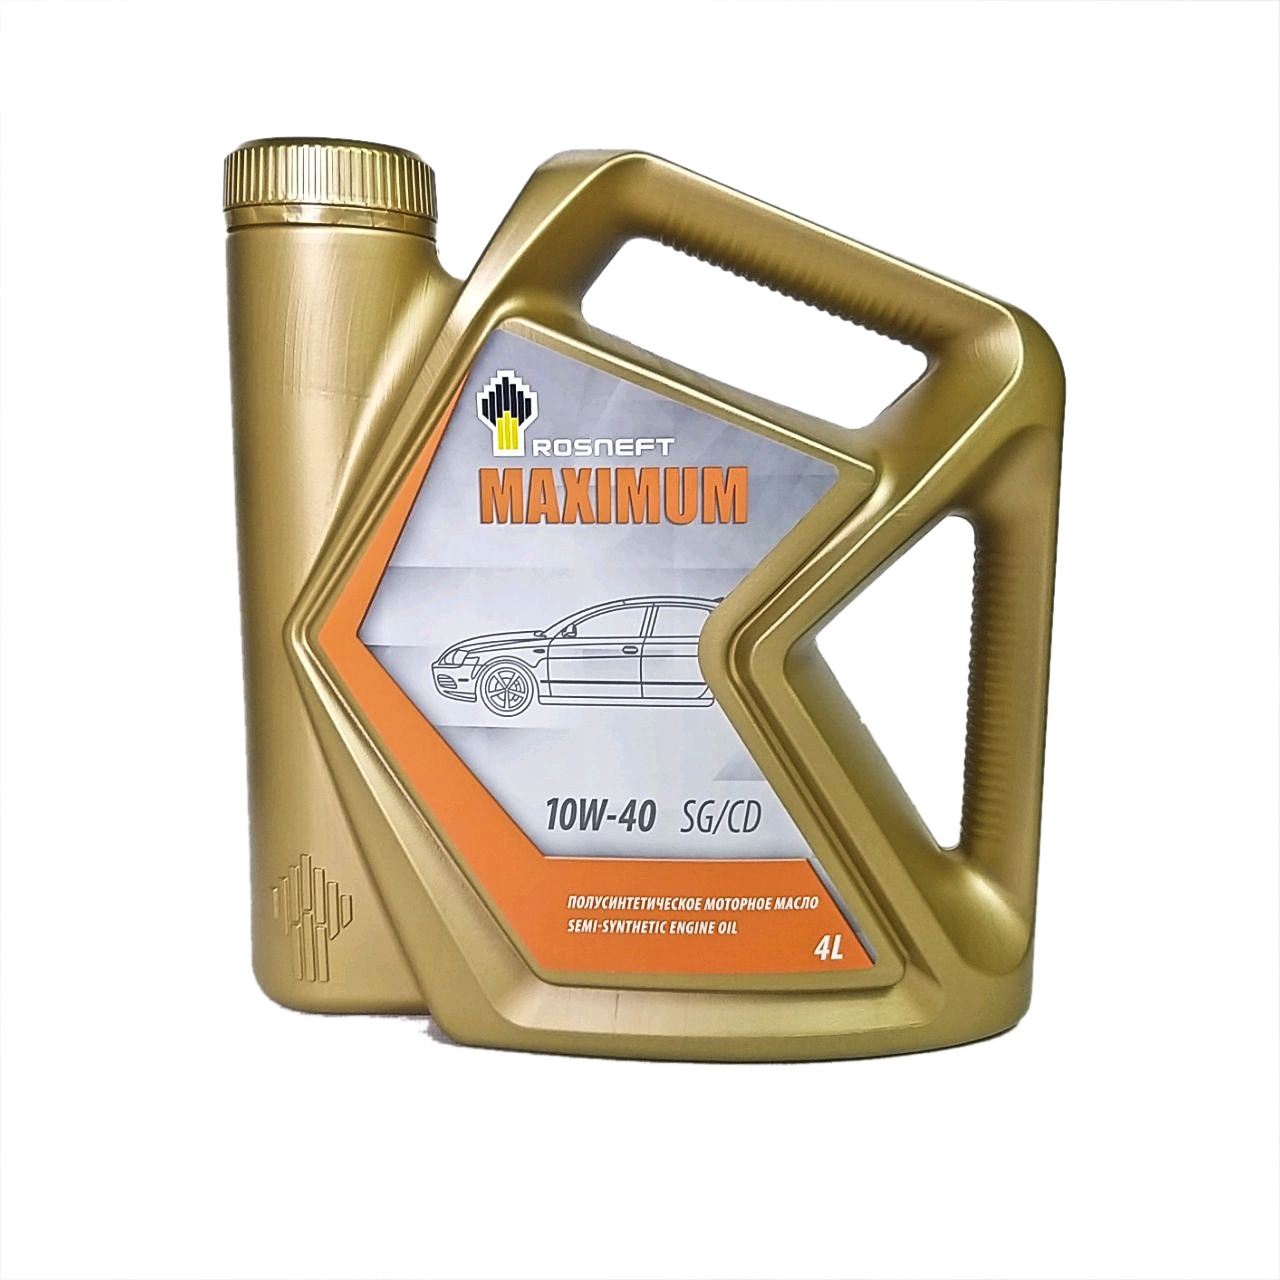 Rosneft Maximum 10w-40 (SG/CD) 1L.